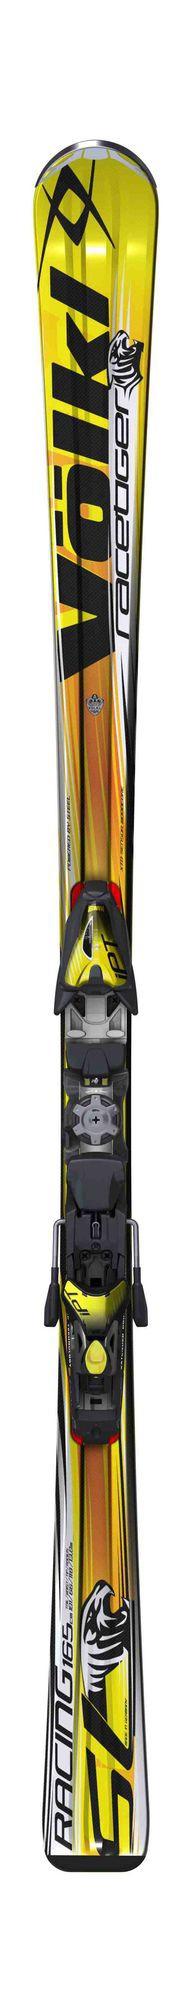 Racetiger SL Racing